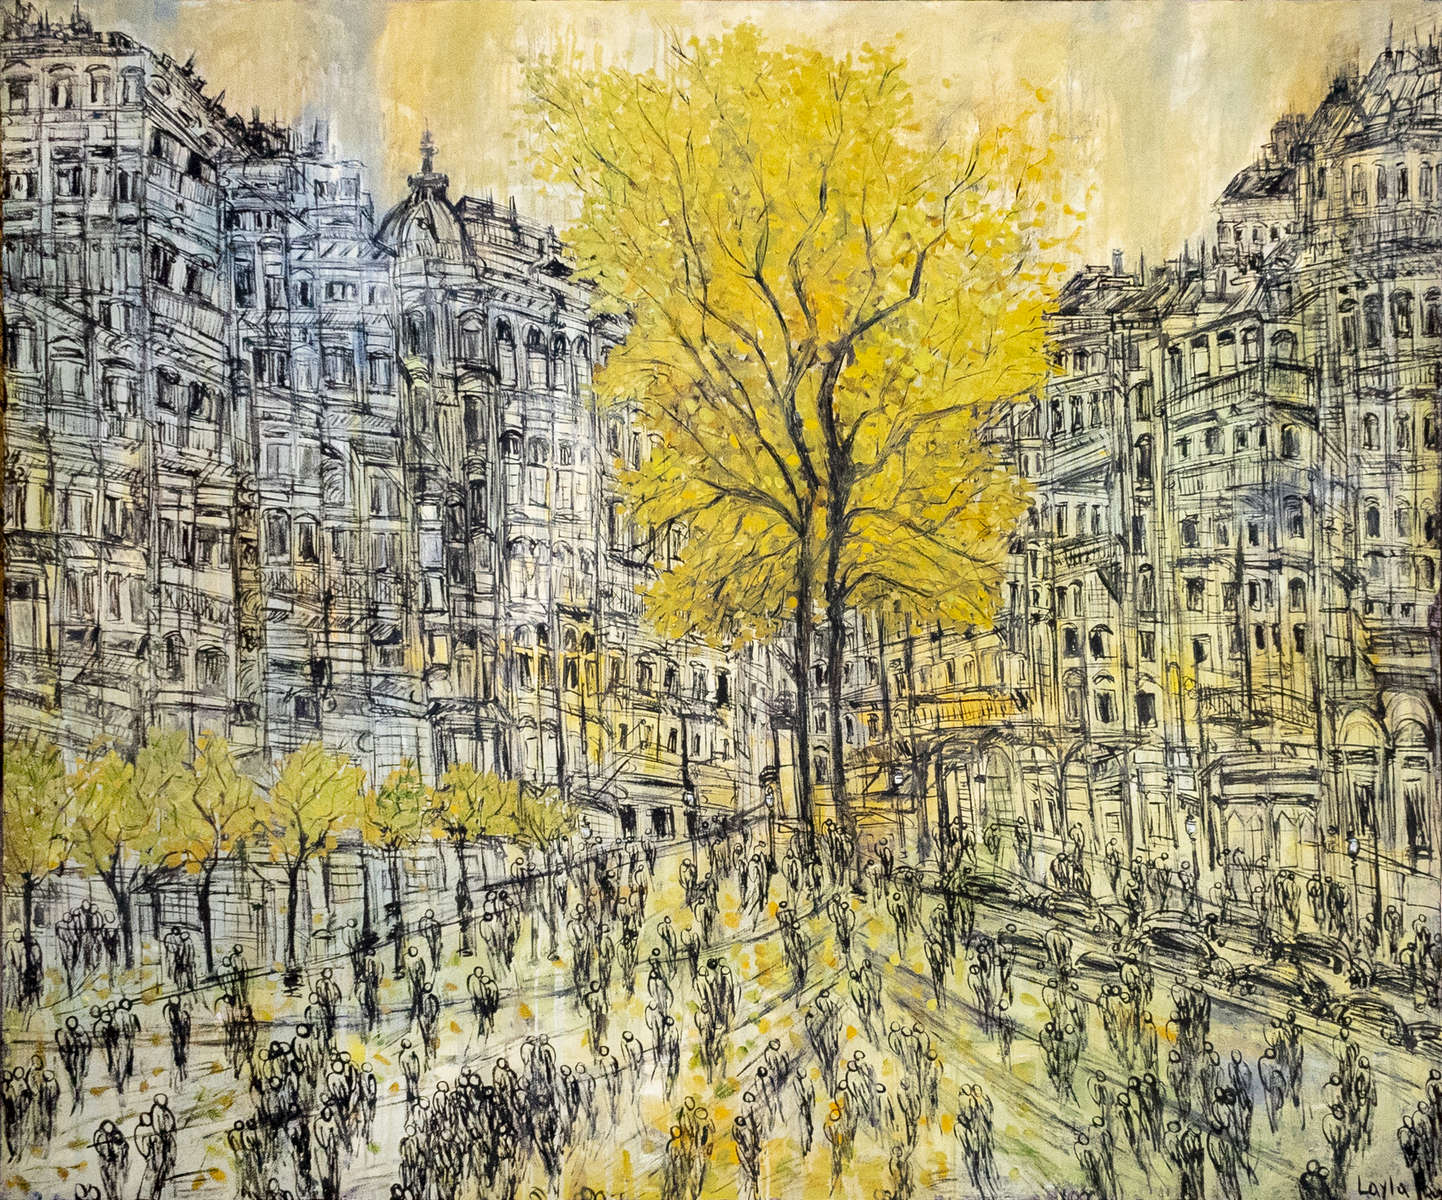 Paris in Spring Opus 2013